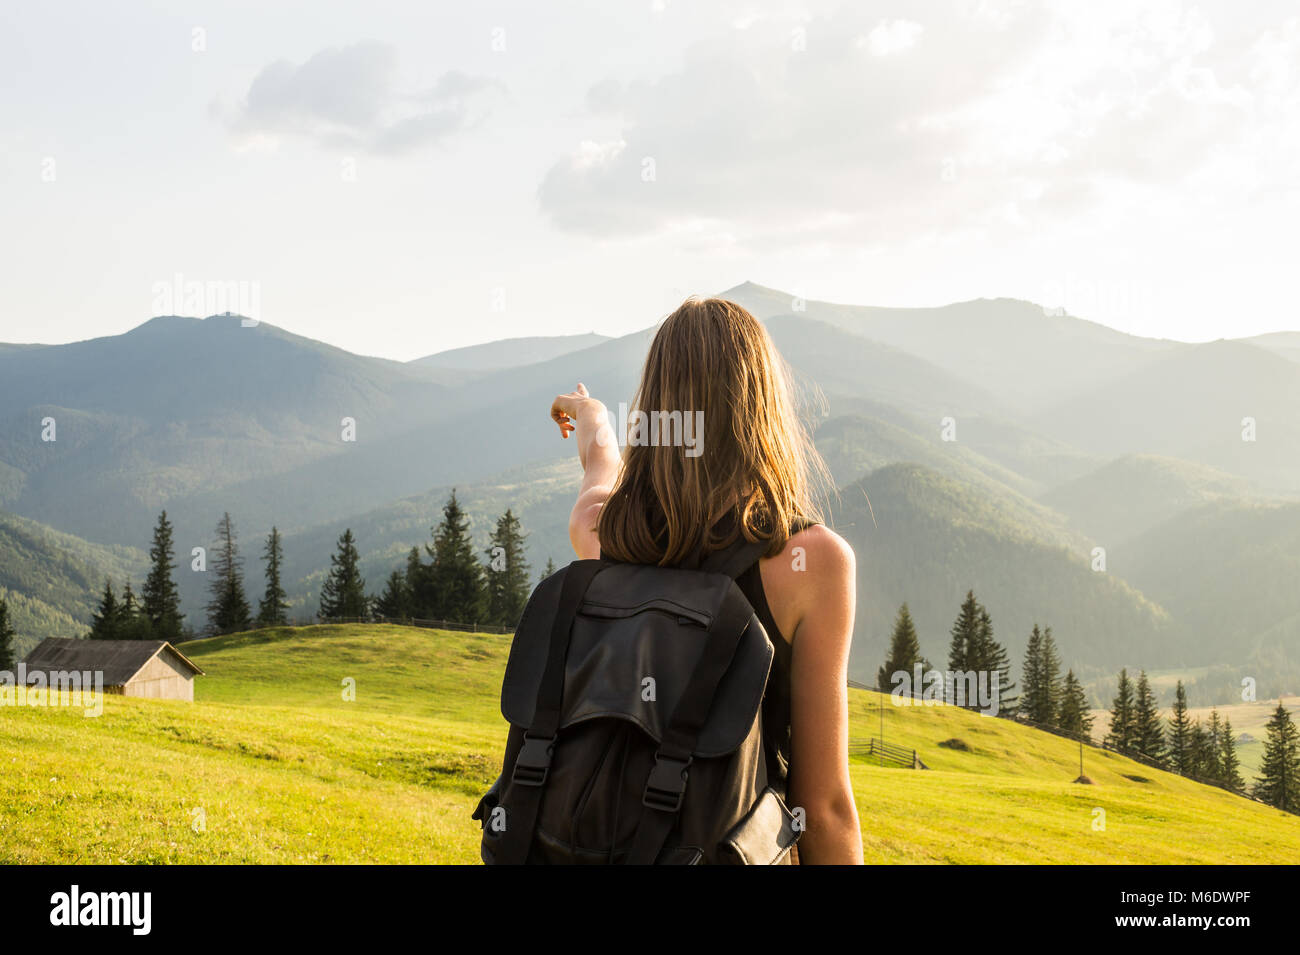 Jeune fille se situe à flanc de montagnes des Carpates ukrainiennes et regarde loin des pics de montagne Photo Stock